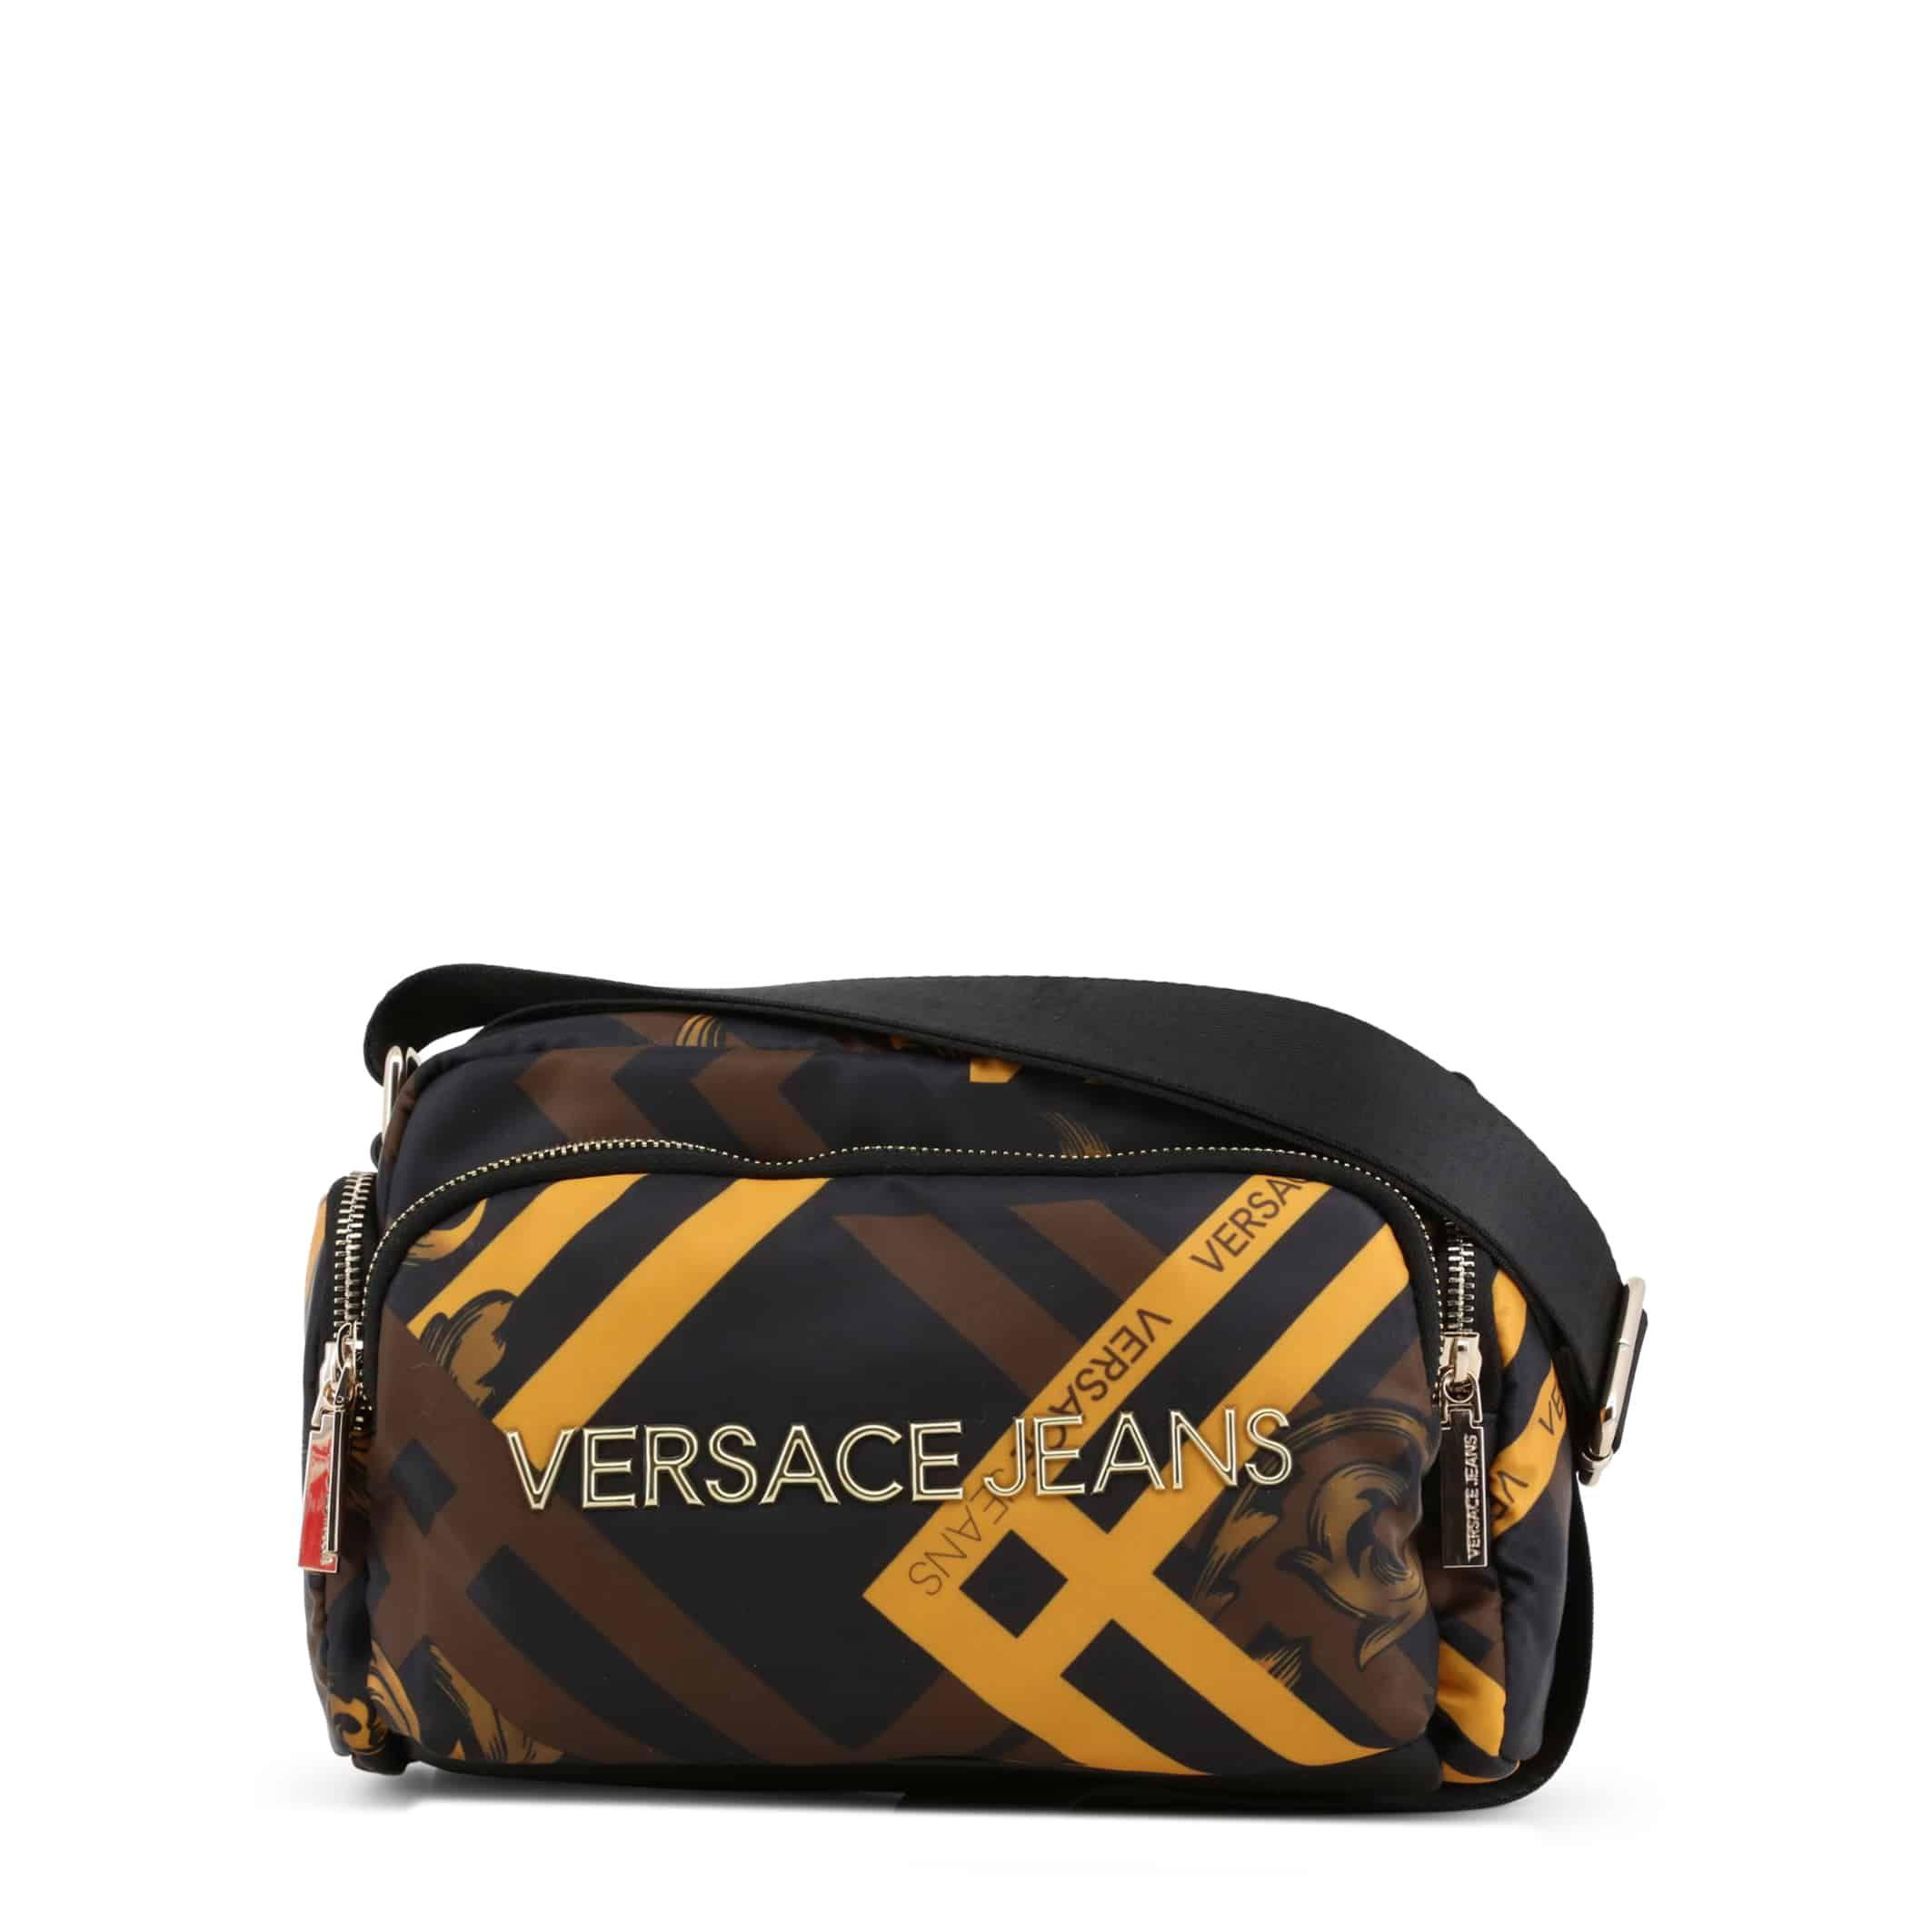 Sacs bandoulière Versace Jeans – E1HSBB11_70809